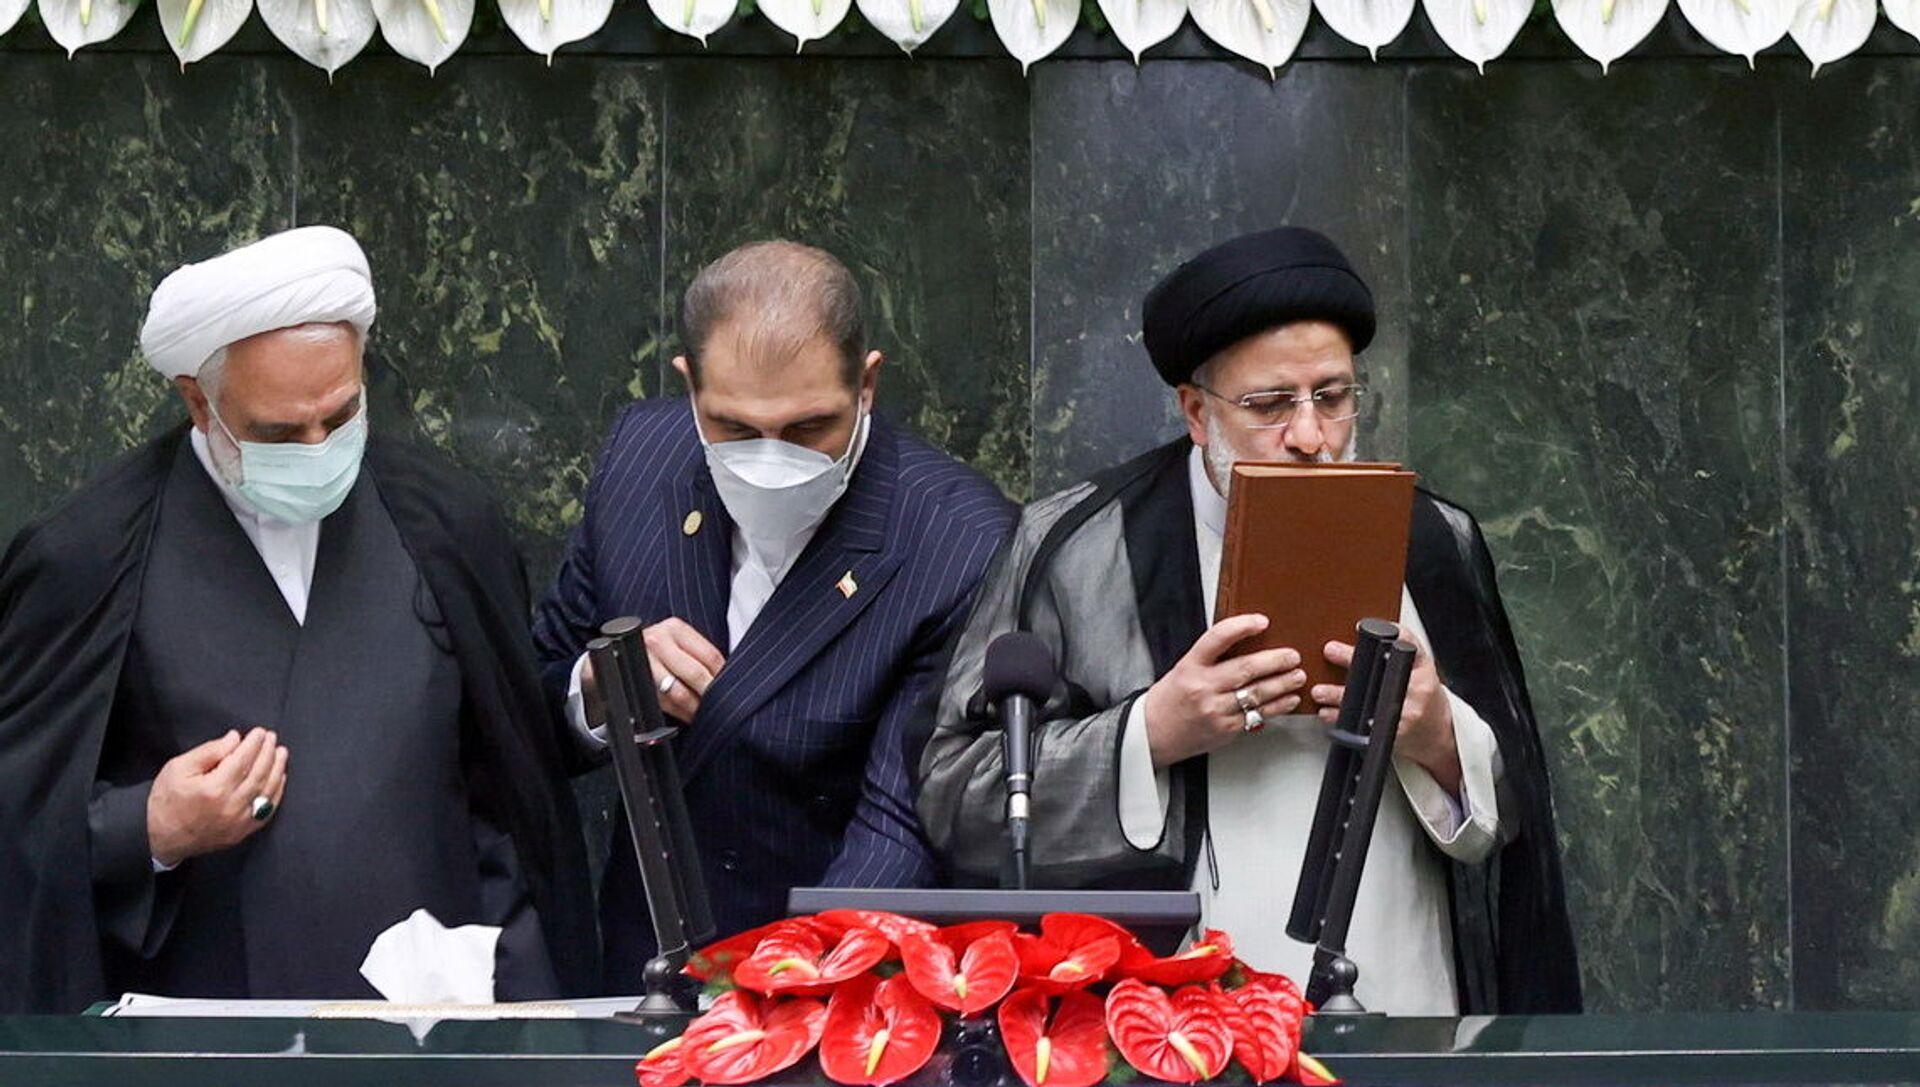 Новый президент Ирана Эбрагим Раиси целует Коран во время инаугурации - Sputnik Азербайджан, 1920, 05.08.2021